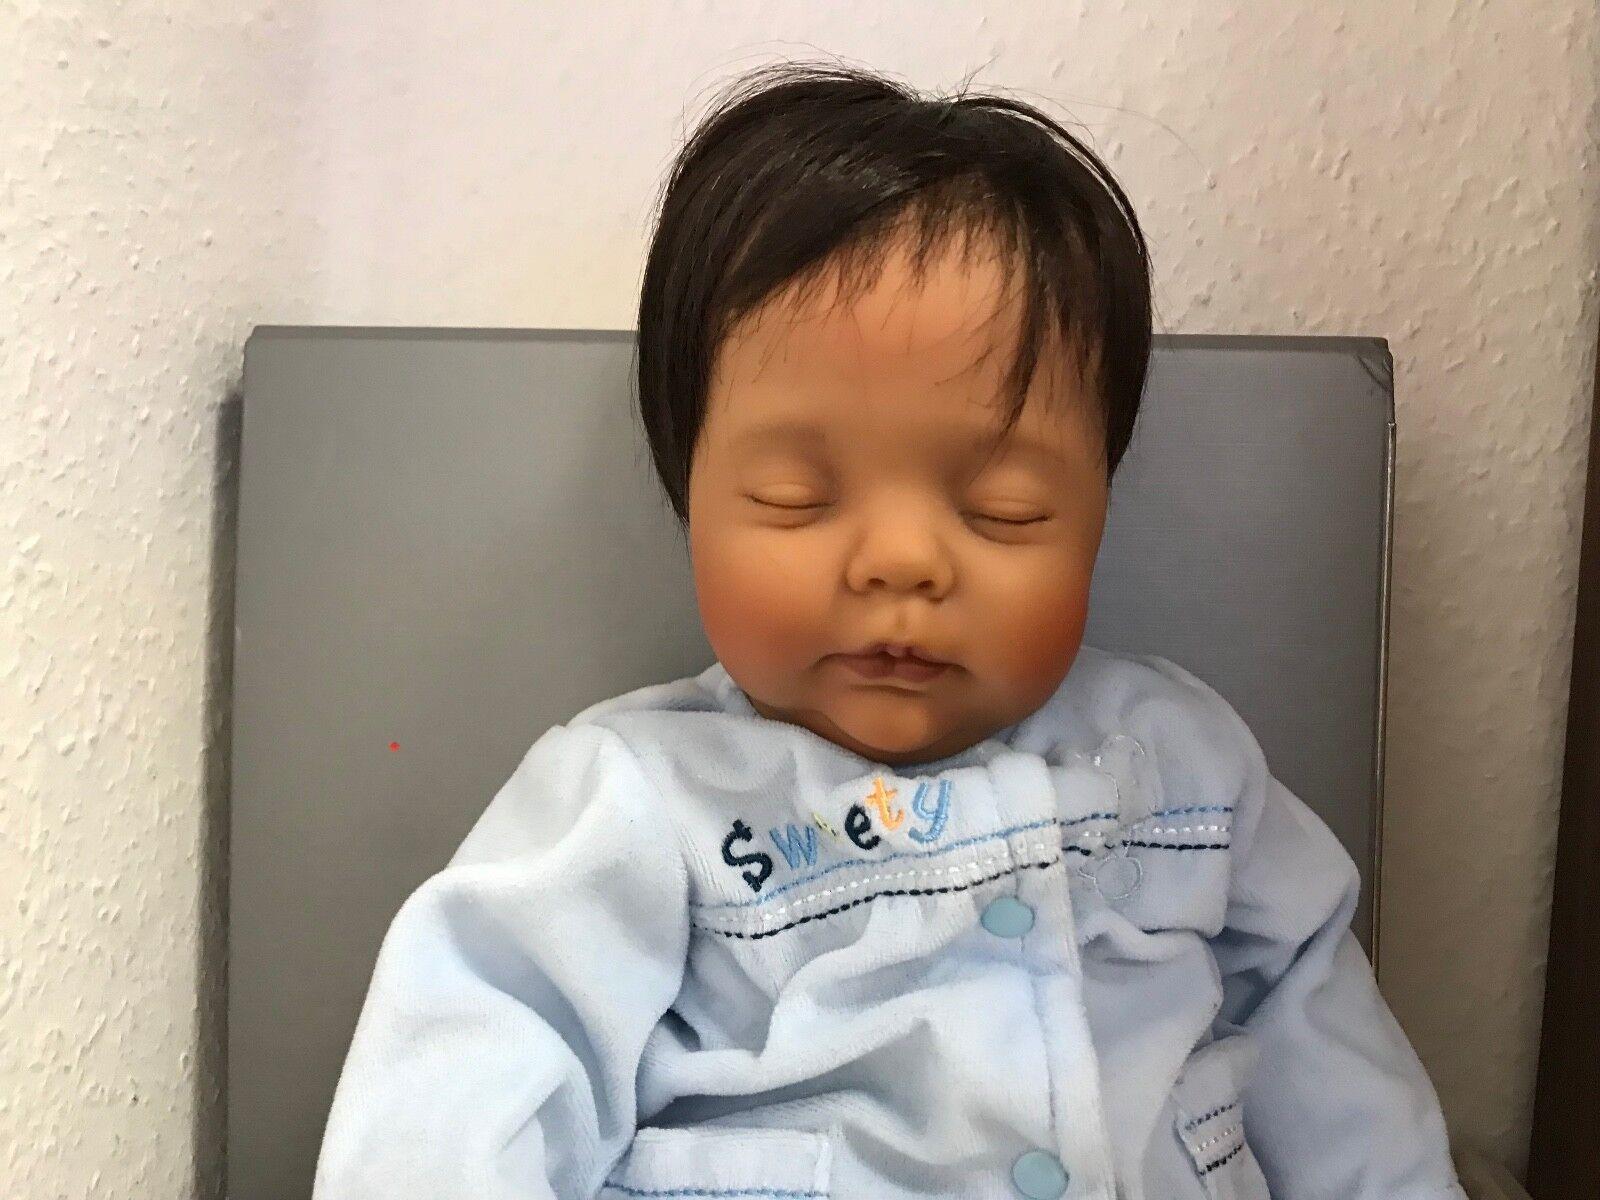 damen Rubert Vinyl Puppe 53 cm. Top Zustand Zustand Zustand 3fd521